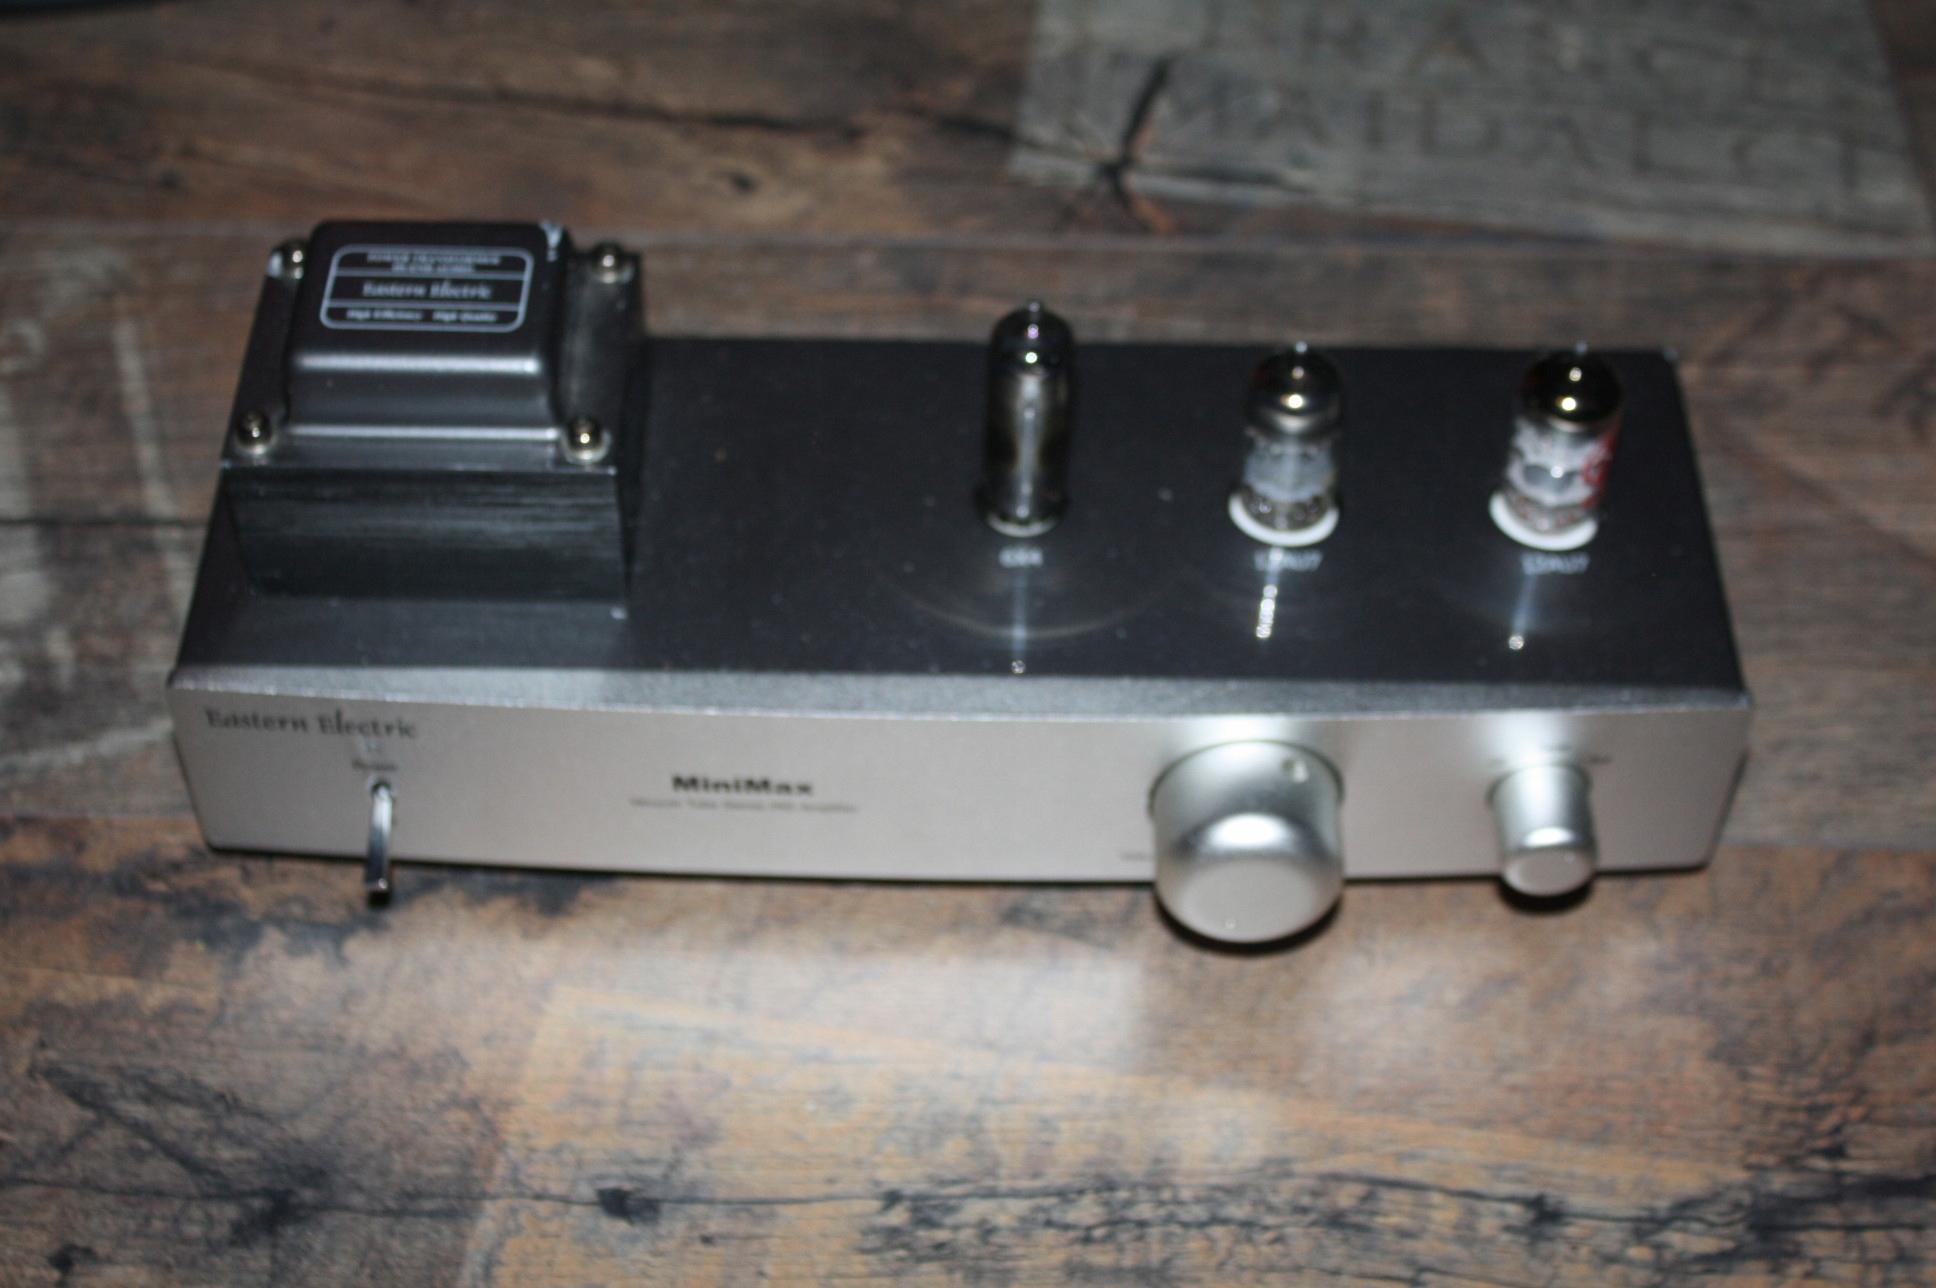 Eastern Electric Minimax przedwzmacniacz lampowy